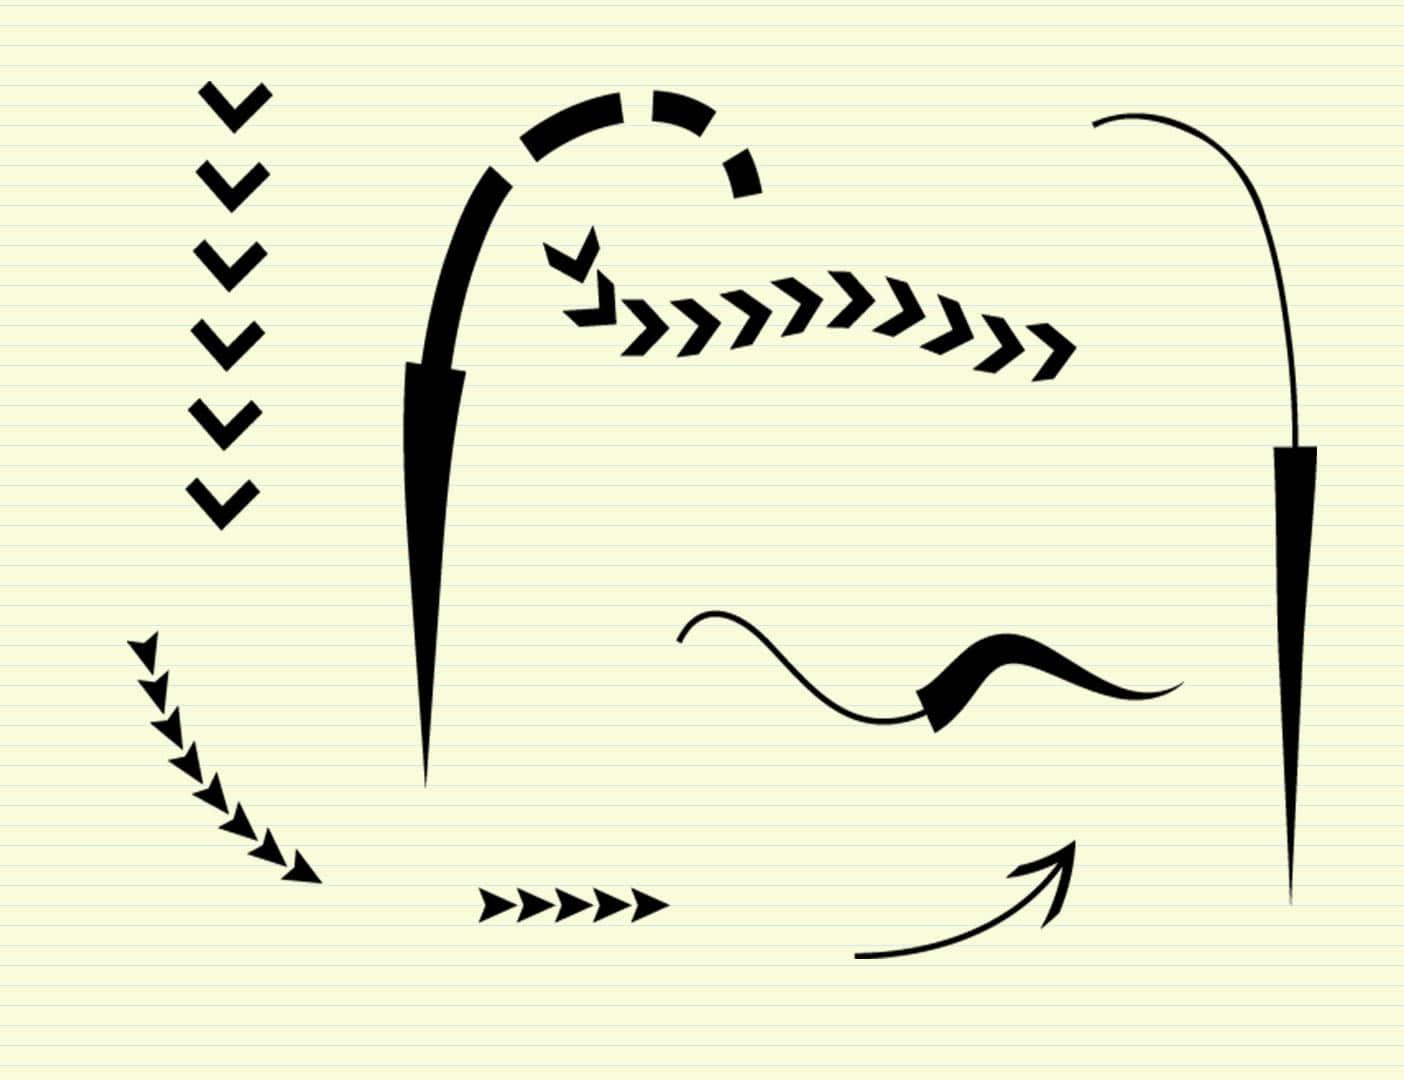 弯曲的箭头符号标志PS笔刷下载 箭头笔刷 标记笔刷  symbols brushes